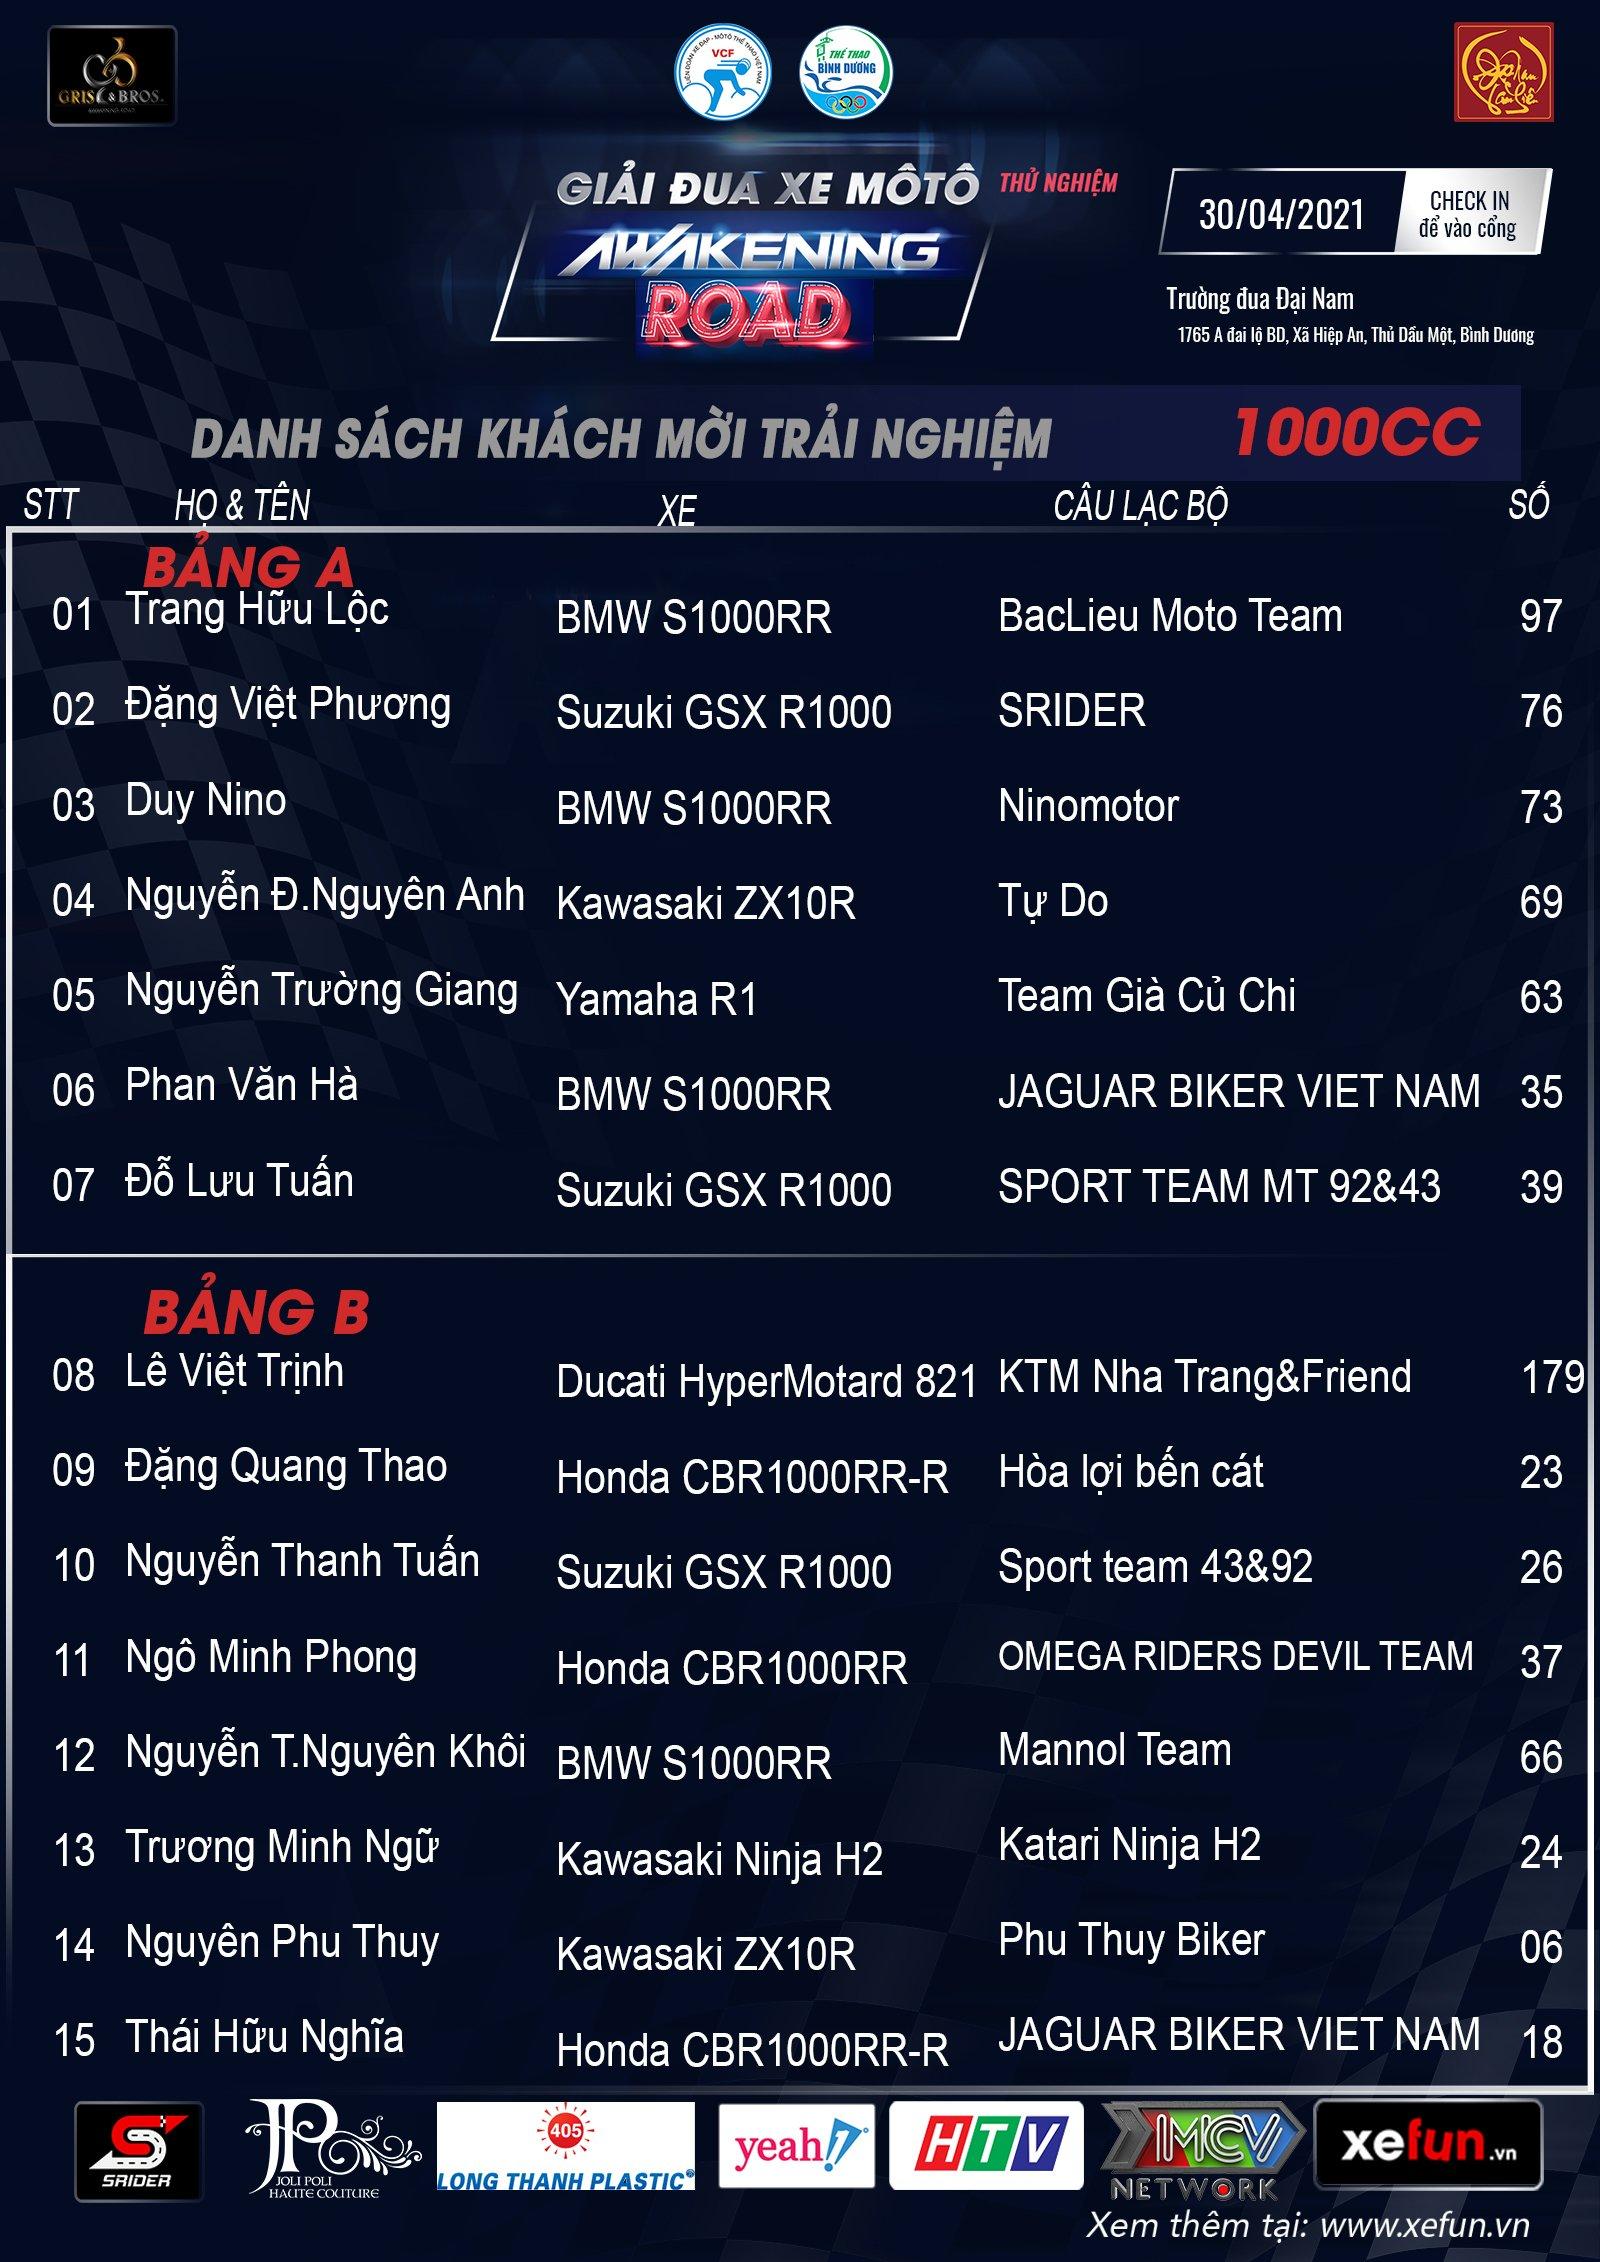 Công bố danh sách tay đua Giải đua xe môtô Awakening Road 2021 Xefun (1)34545